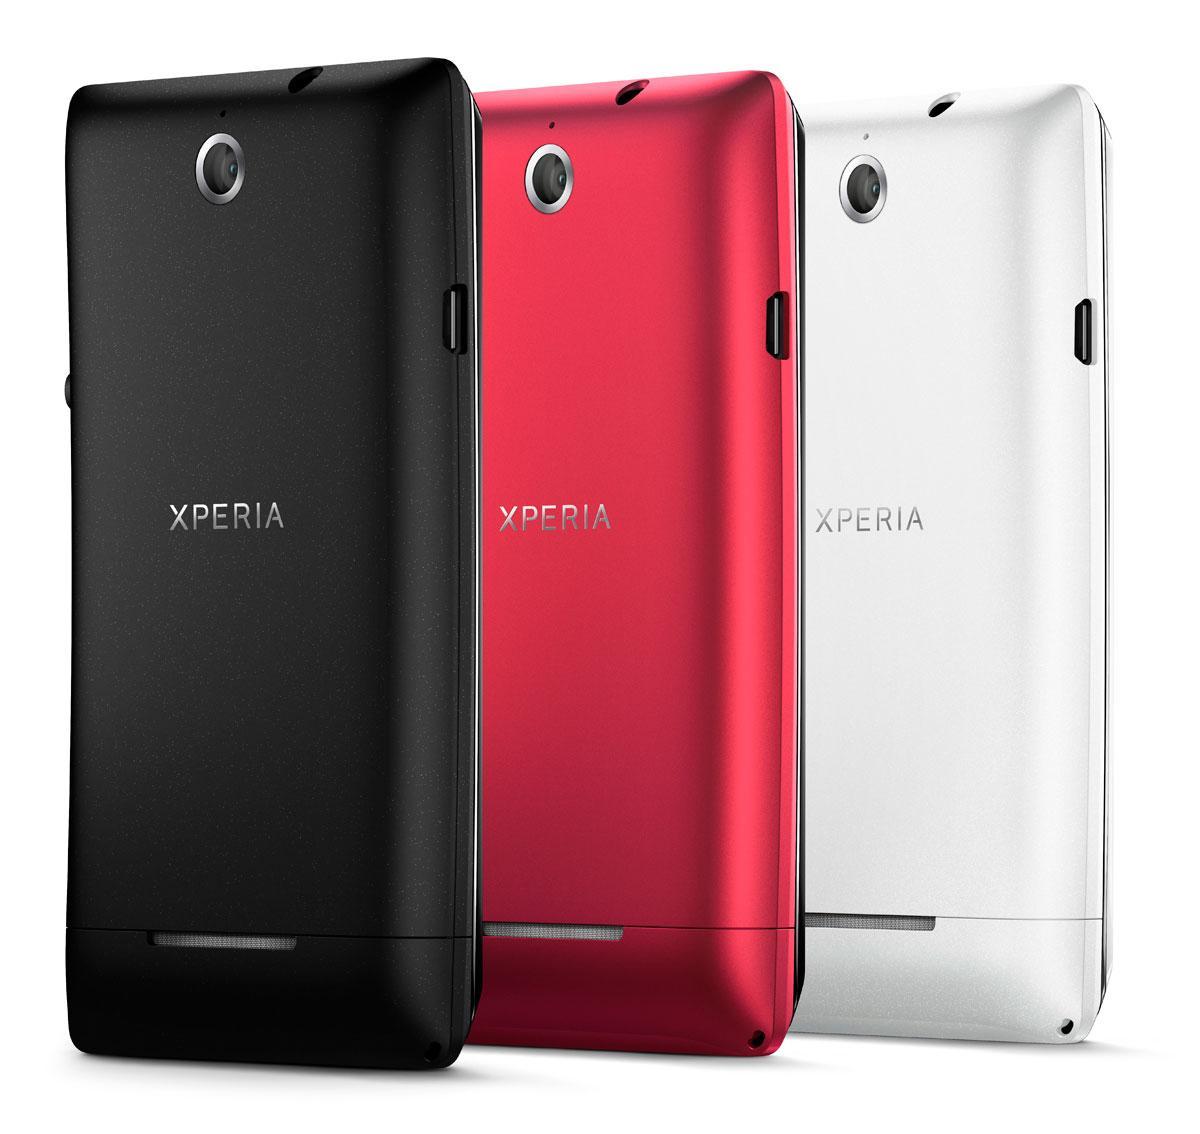 Sony Xperia E en color negro, rojo y blanco